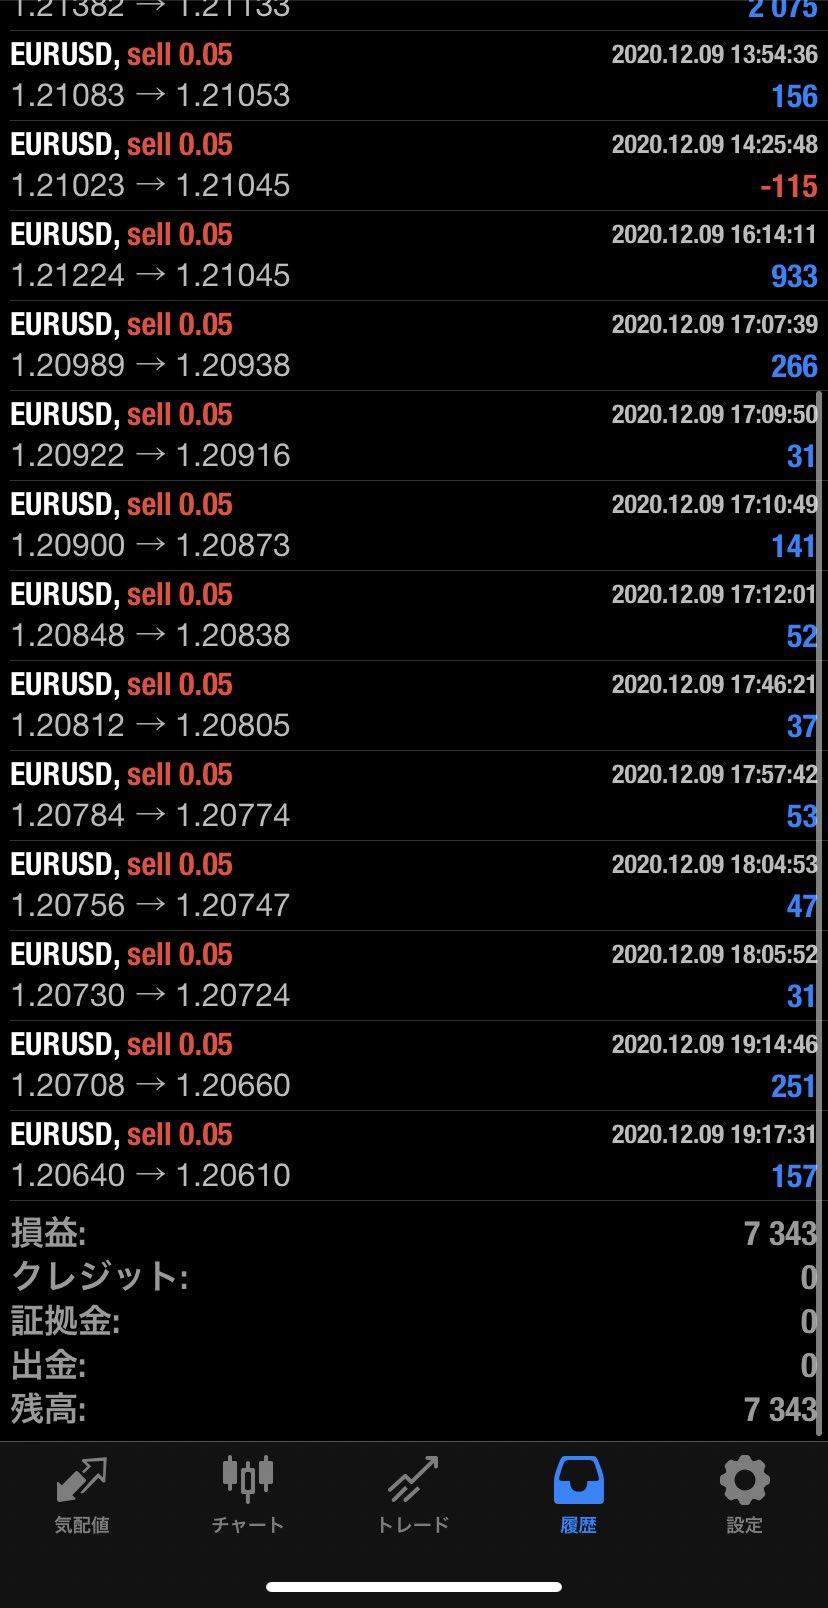 2020年12月9日 EUR/USDバージョン7,343円